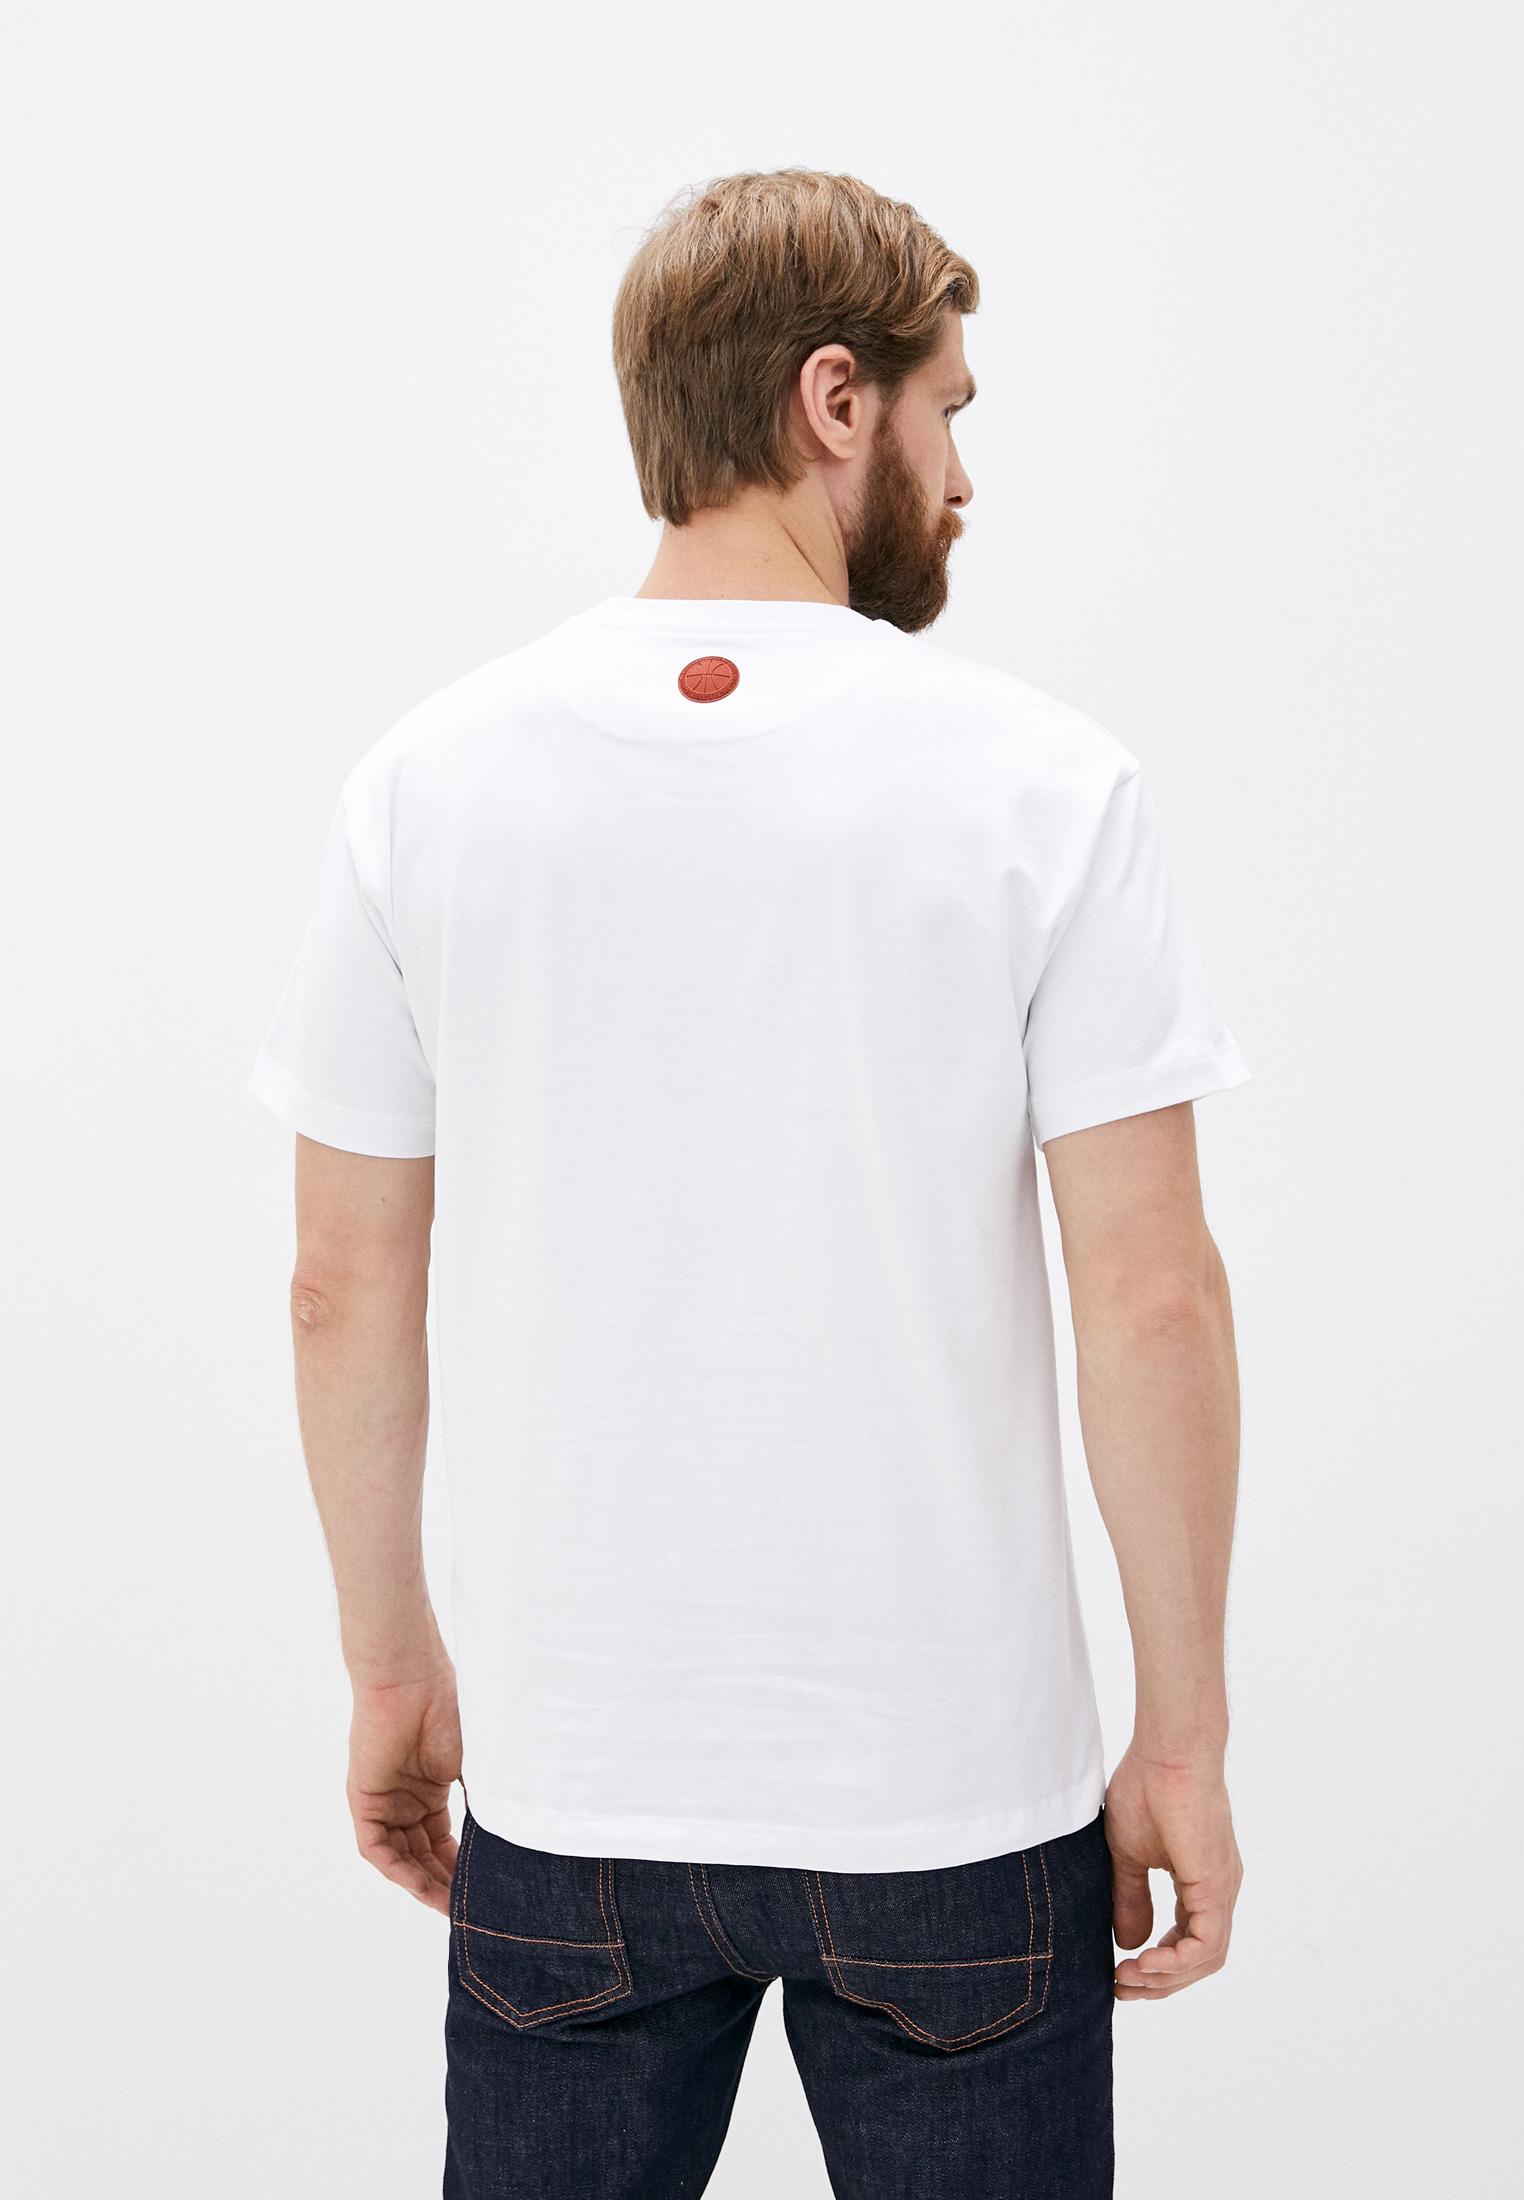 Мужская футболка Bikkembergs (Биккембергс) C 7 022 4R E 1814: изображение 4